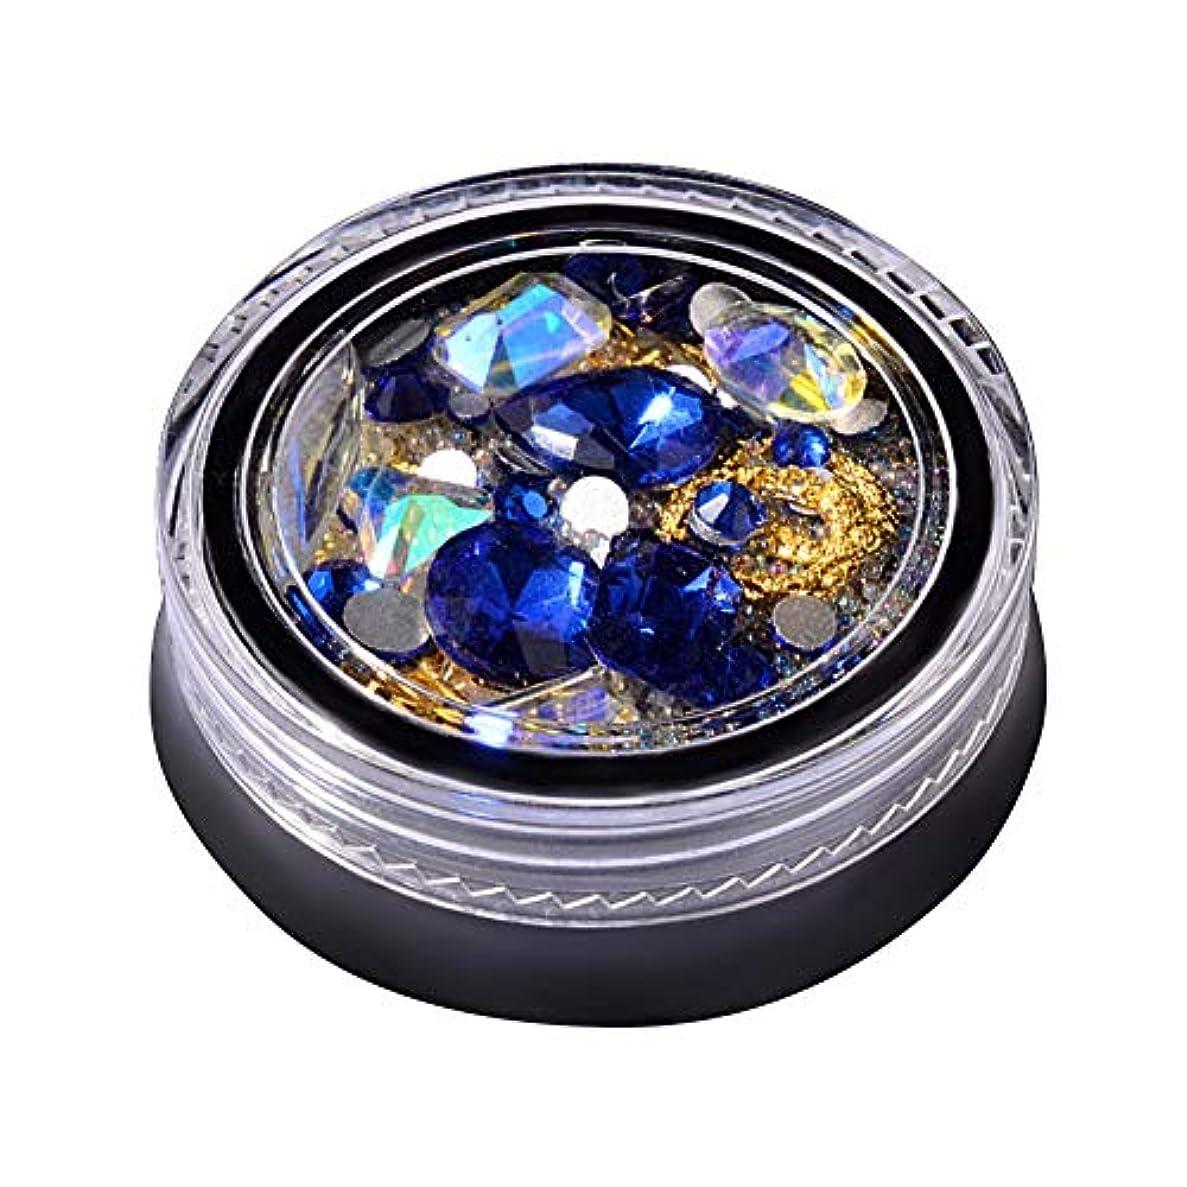 メダリストバイアス食事ネイルジュエリーネイルダイヤモンド形の多面的な創造的な装飾的な模造ダイヤモンドドリルダイヤモンドは青のDIYネイルアートツールセットの小道具